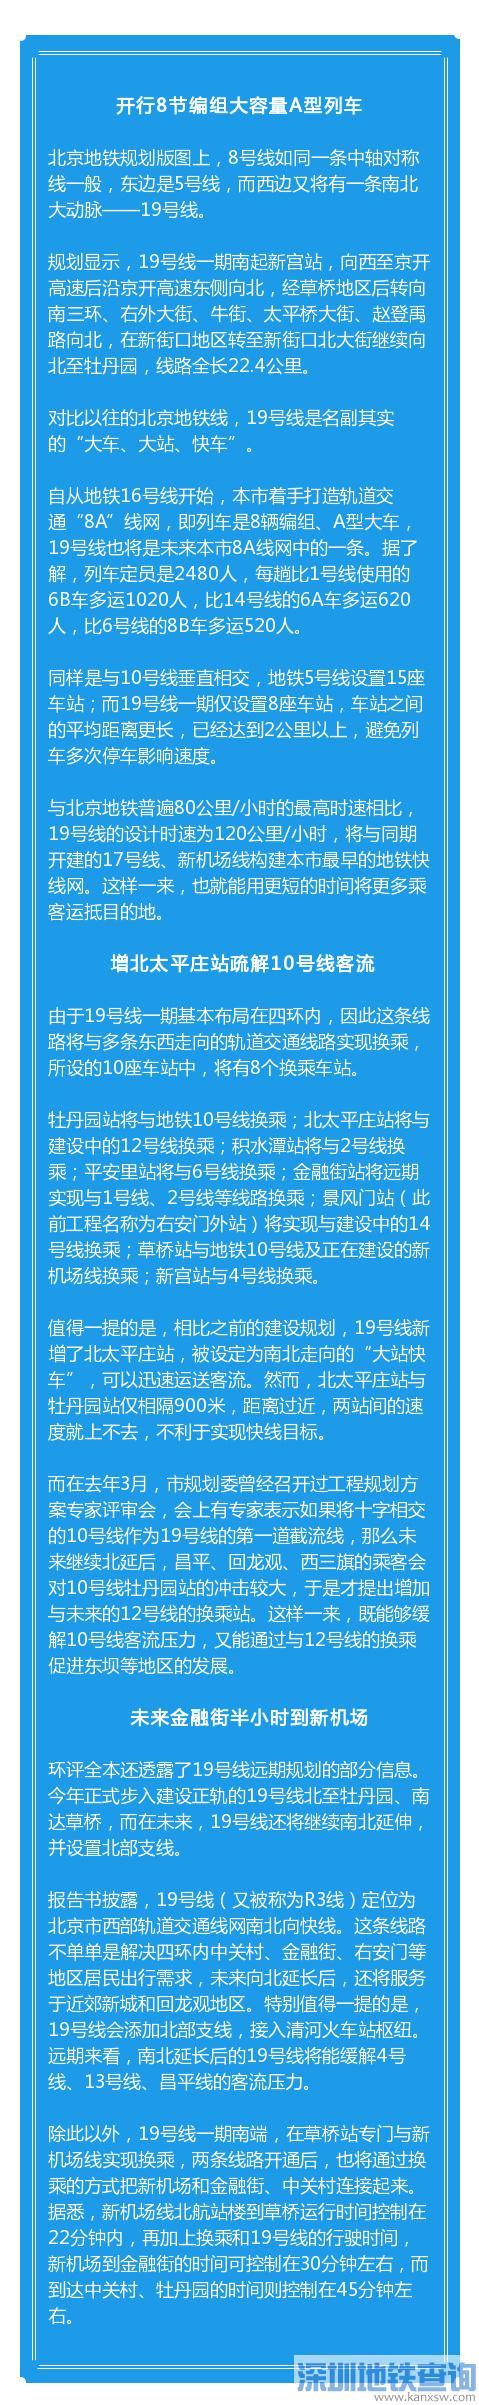 北京地铁19号线一期有哪些站点 在哪站可以换乘(平面示意图)